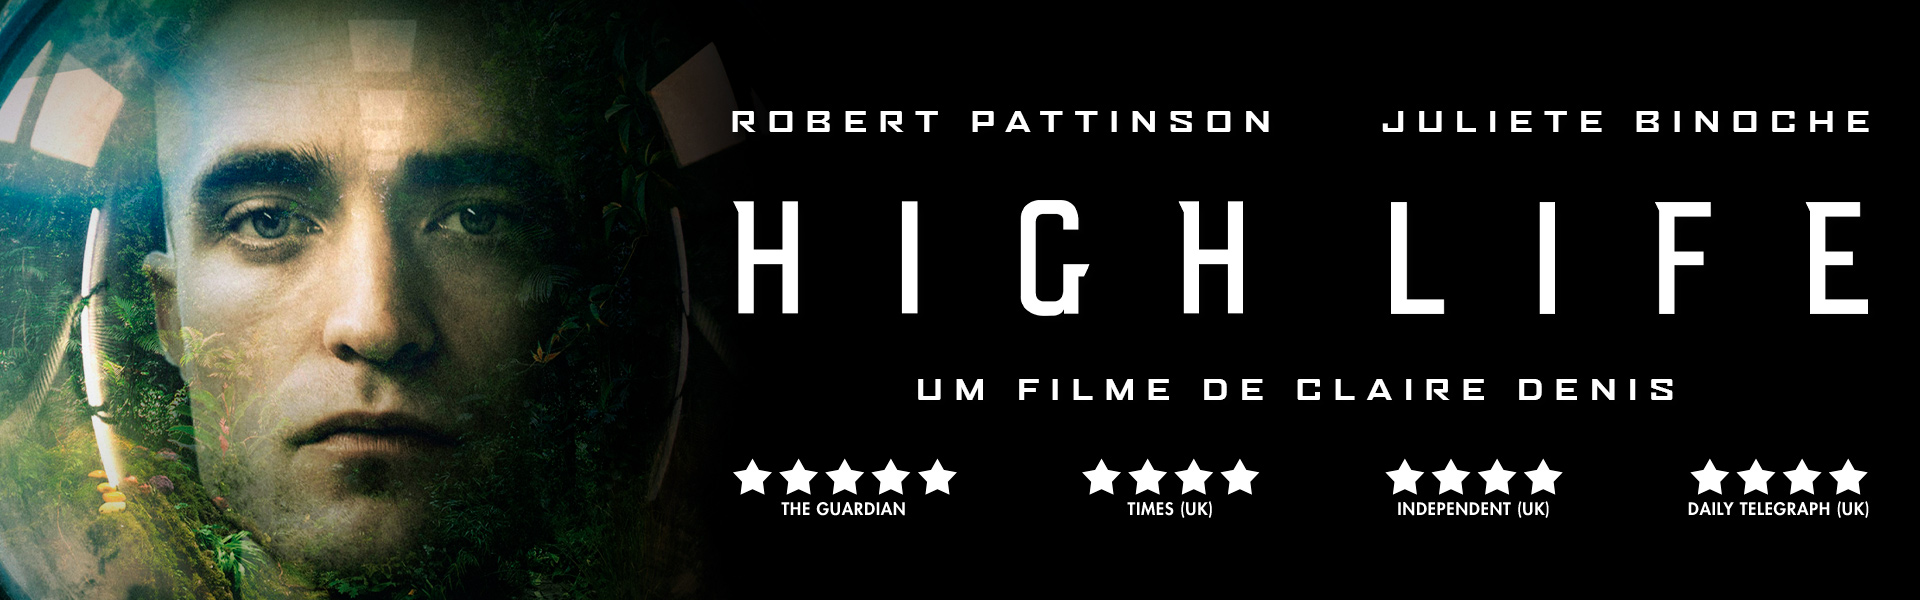 High Life: Uma Nova Vida